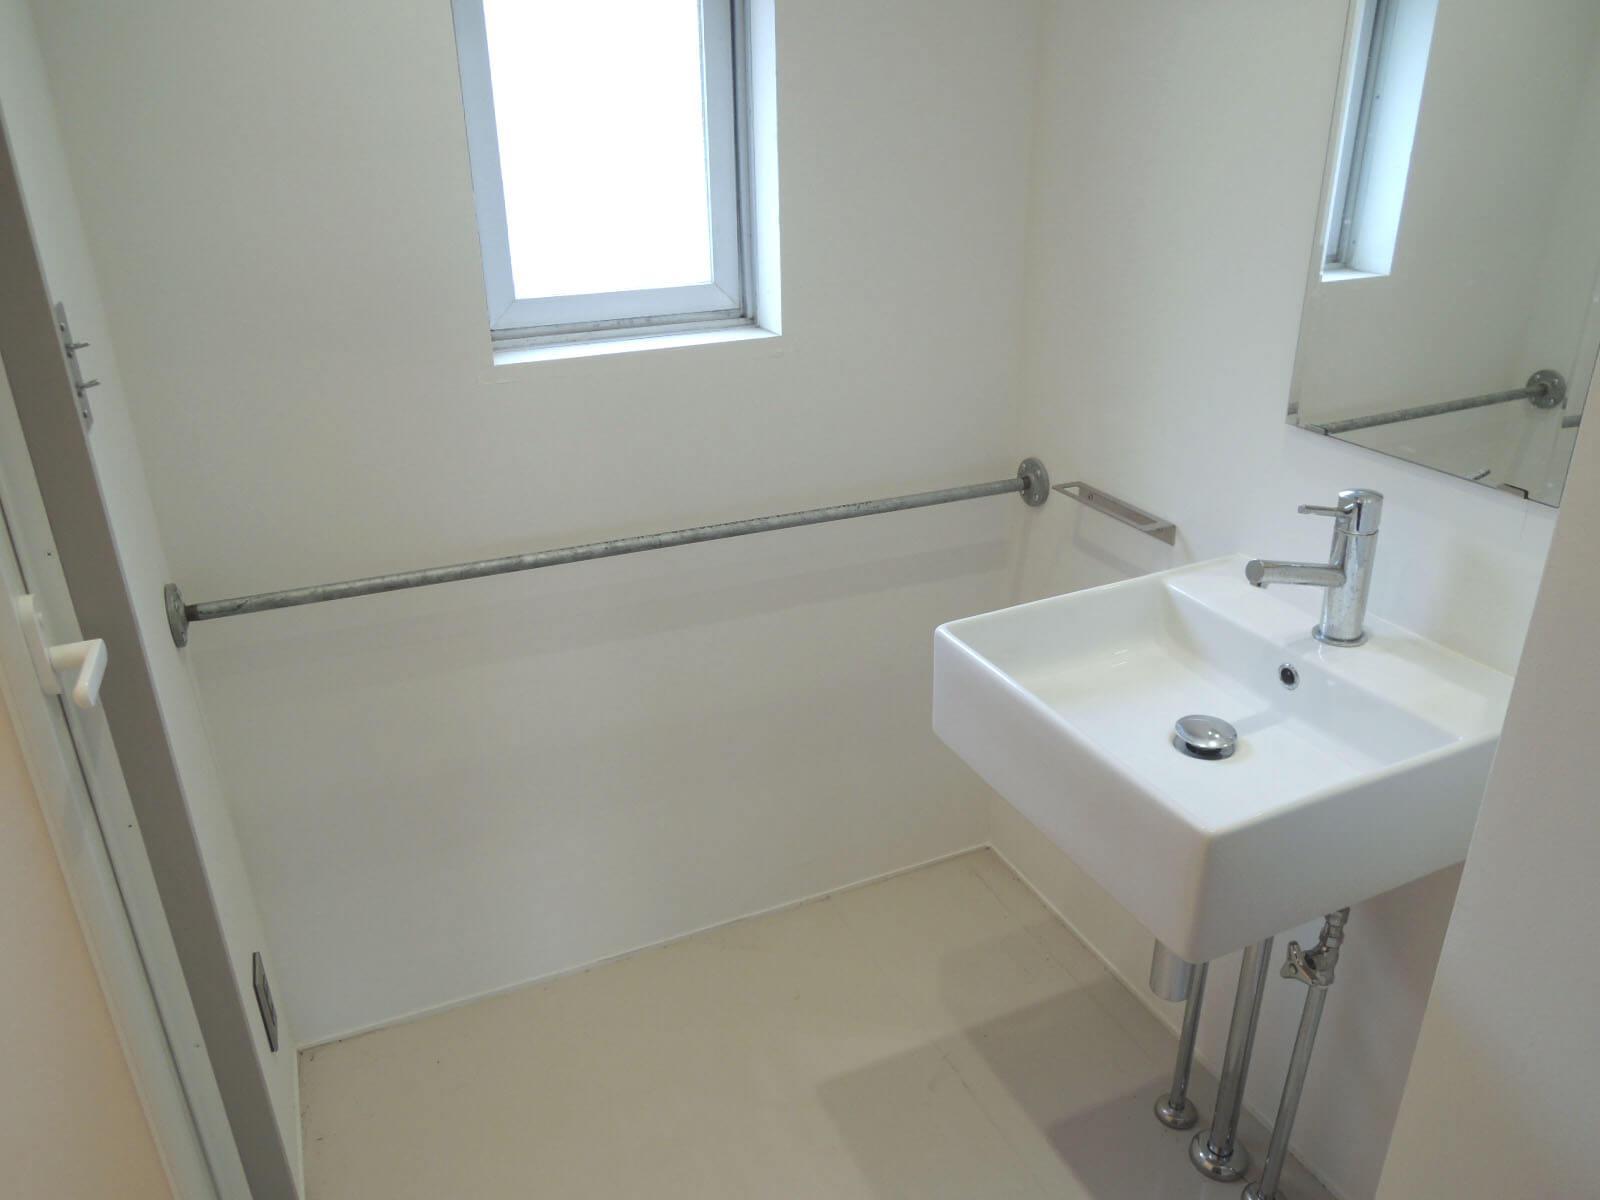 洗面所にも窓あり。何気ない壁のバーはかなり使えそう。